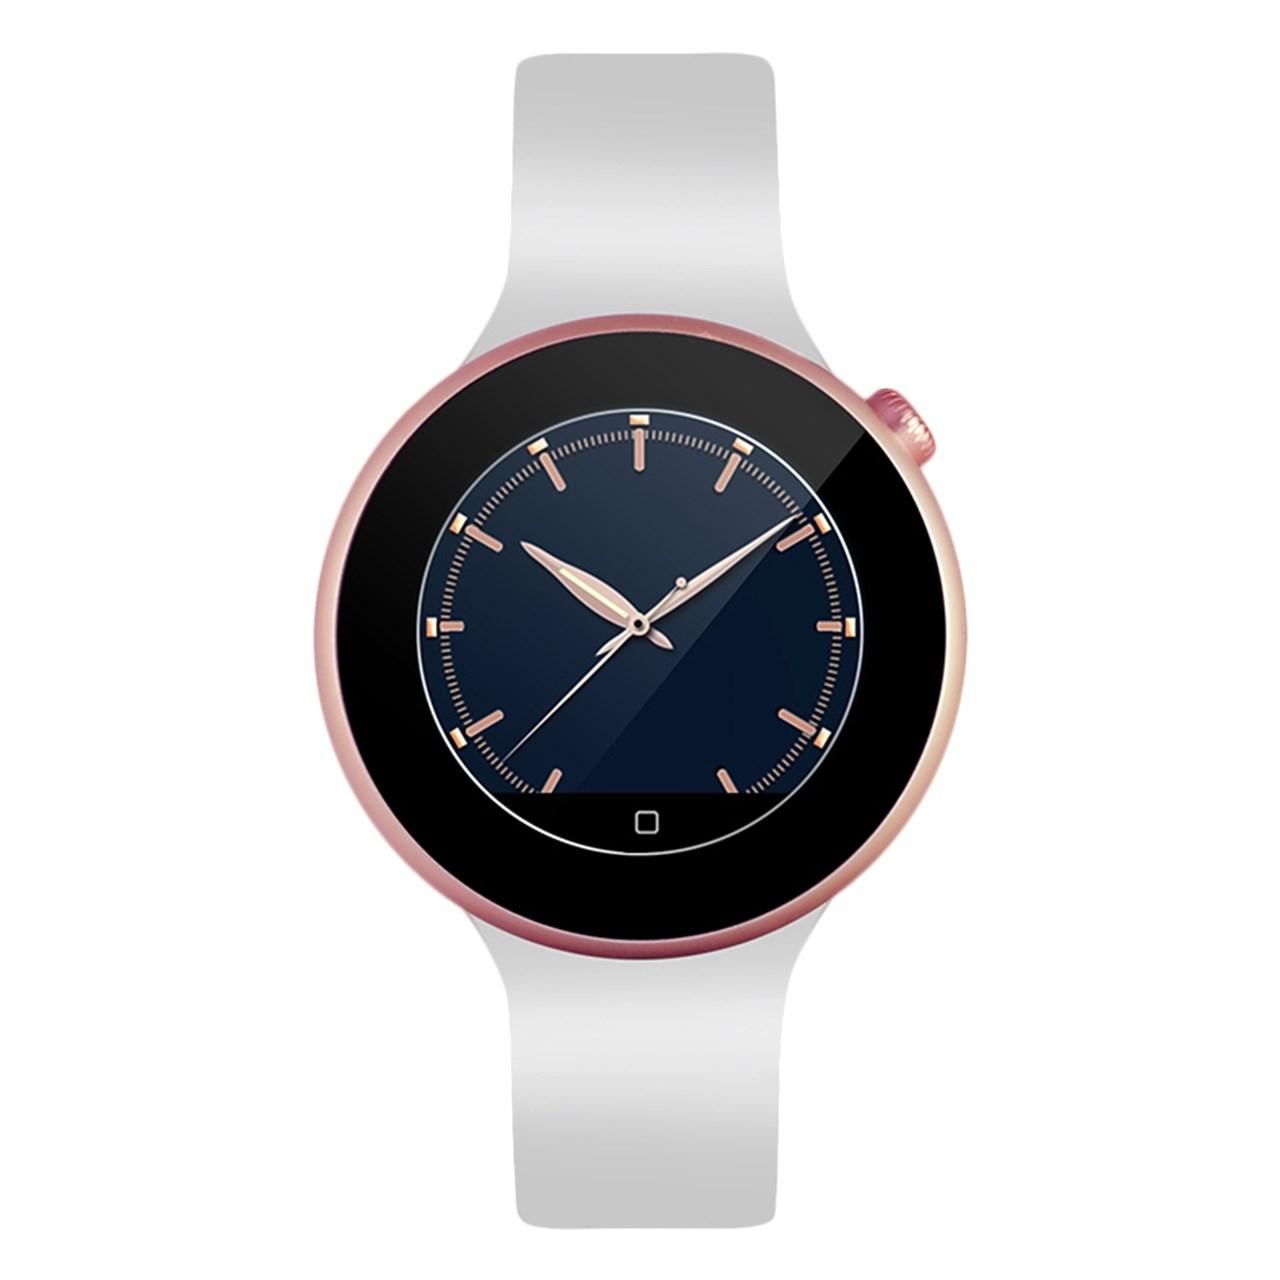 عکس ساعت هوشمند دابل سیکس مدل C1